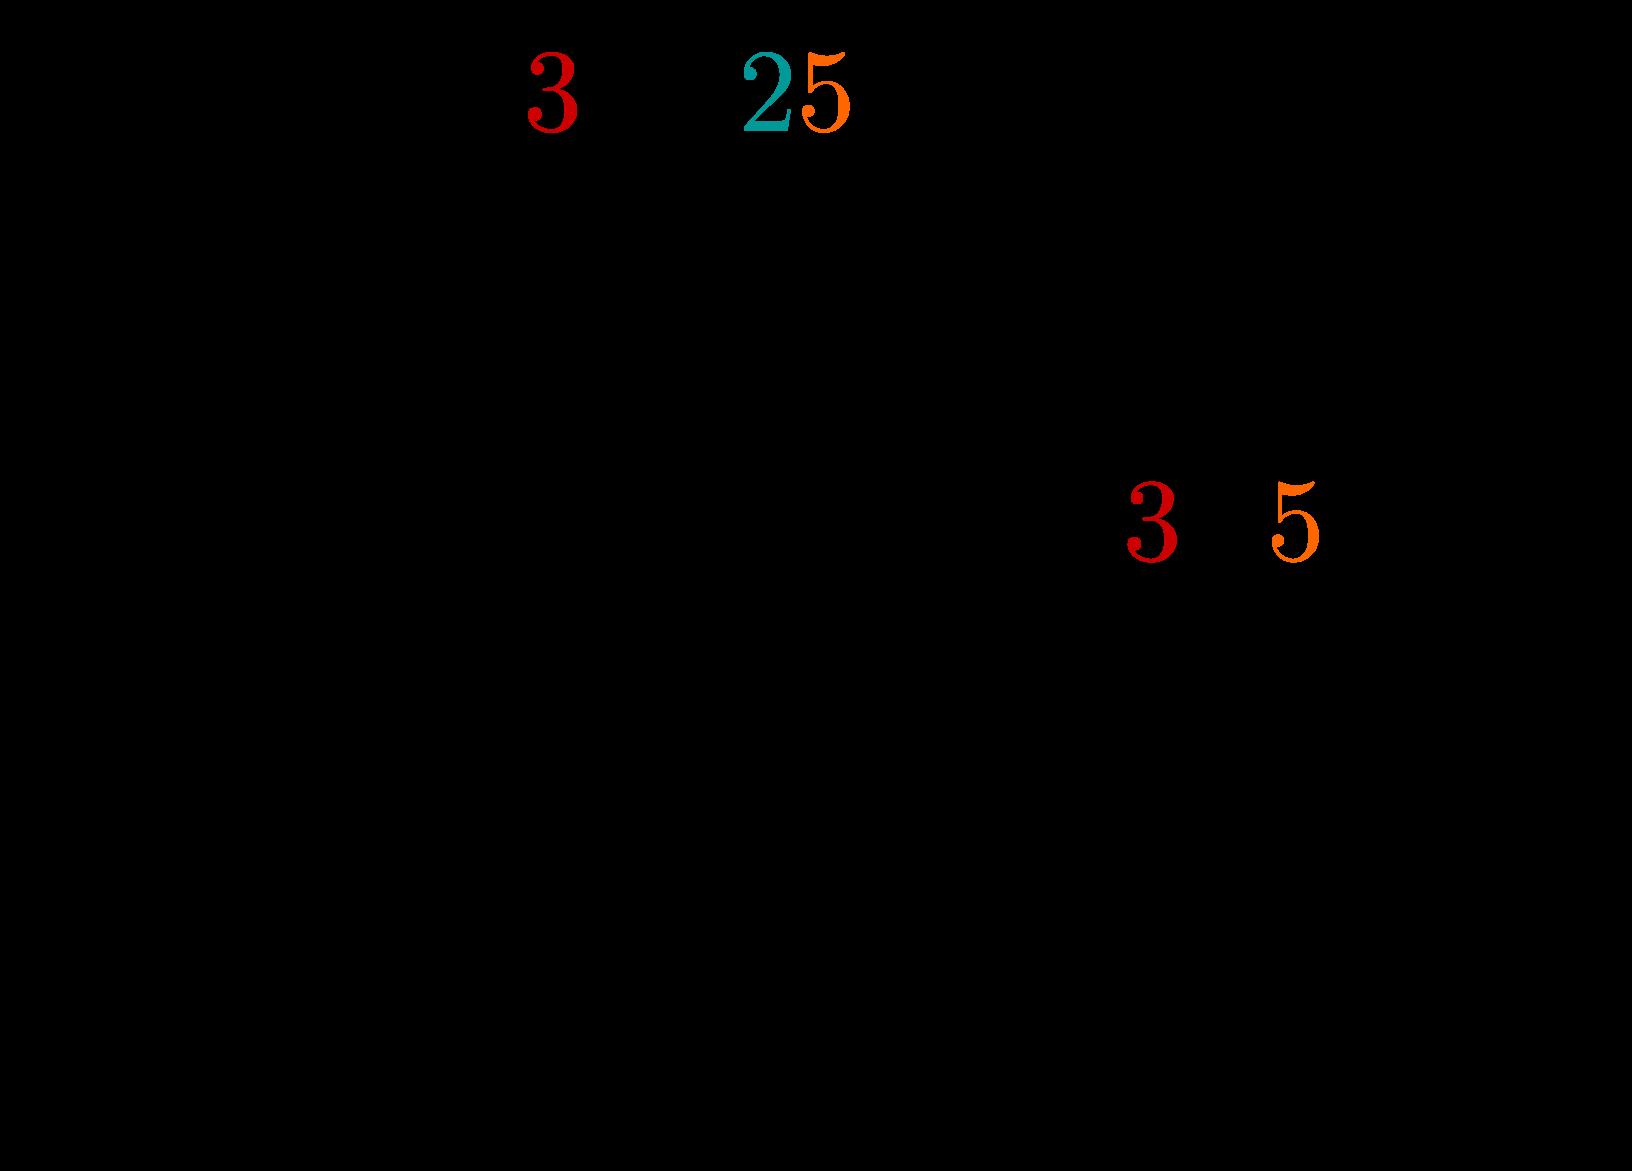 Schriftliche Division ganzer Zahlen 2